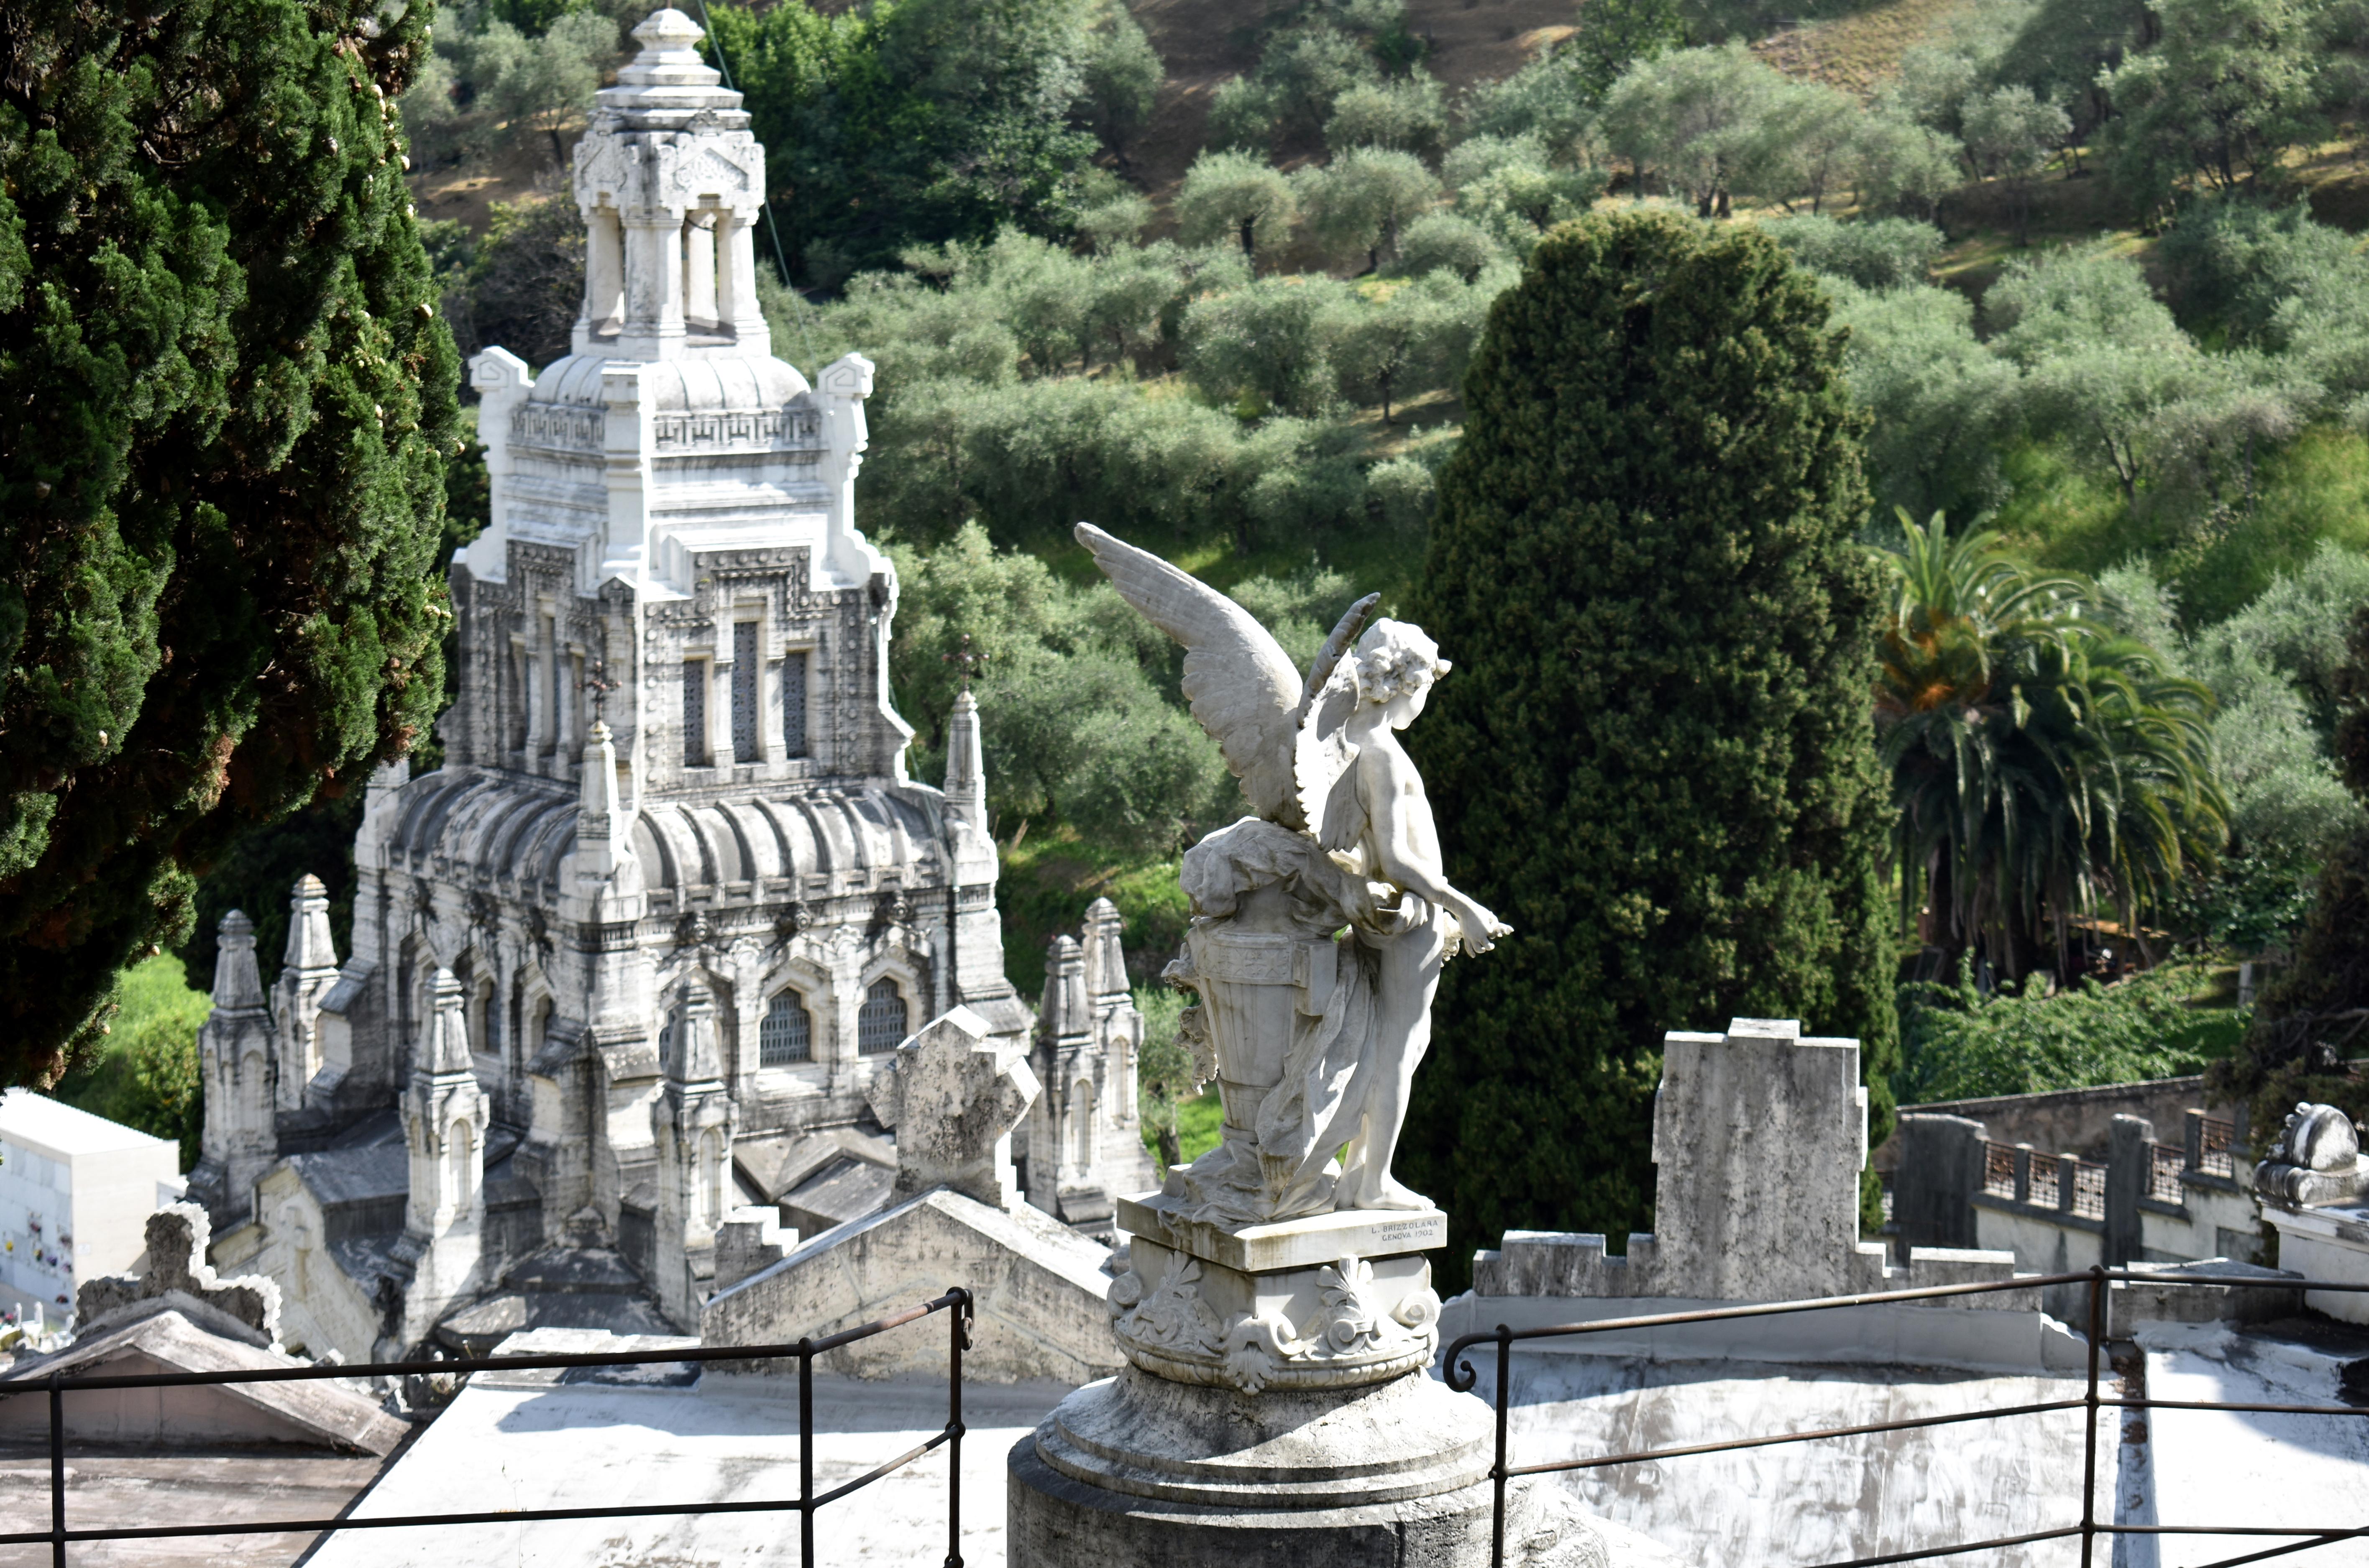 L Arte Di Salire Chiavari cimitero di chiavari - wikipedia